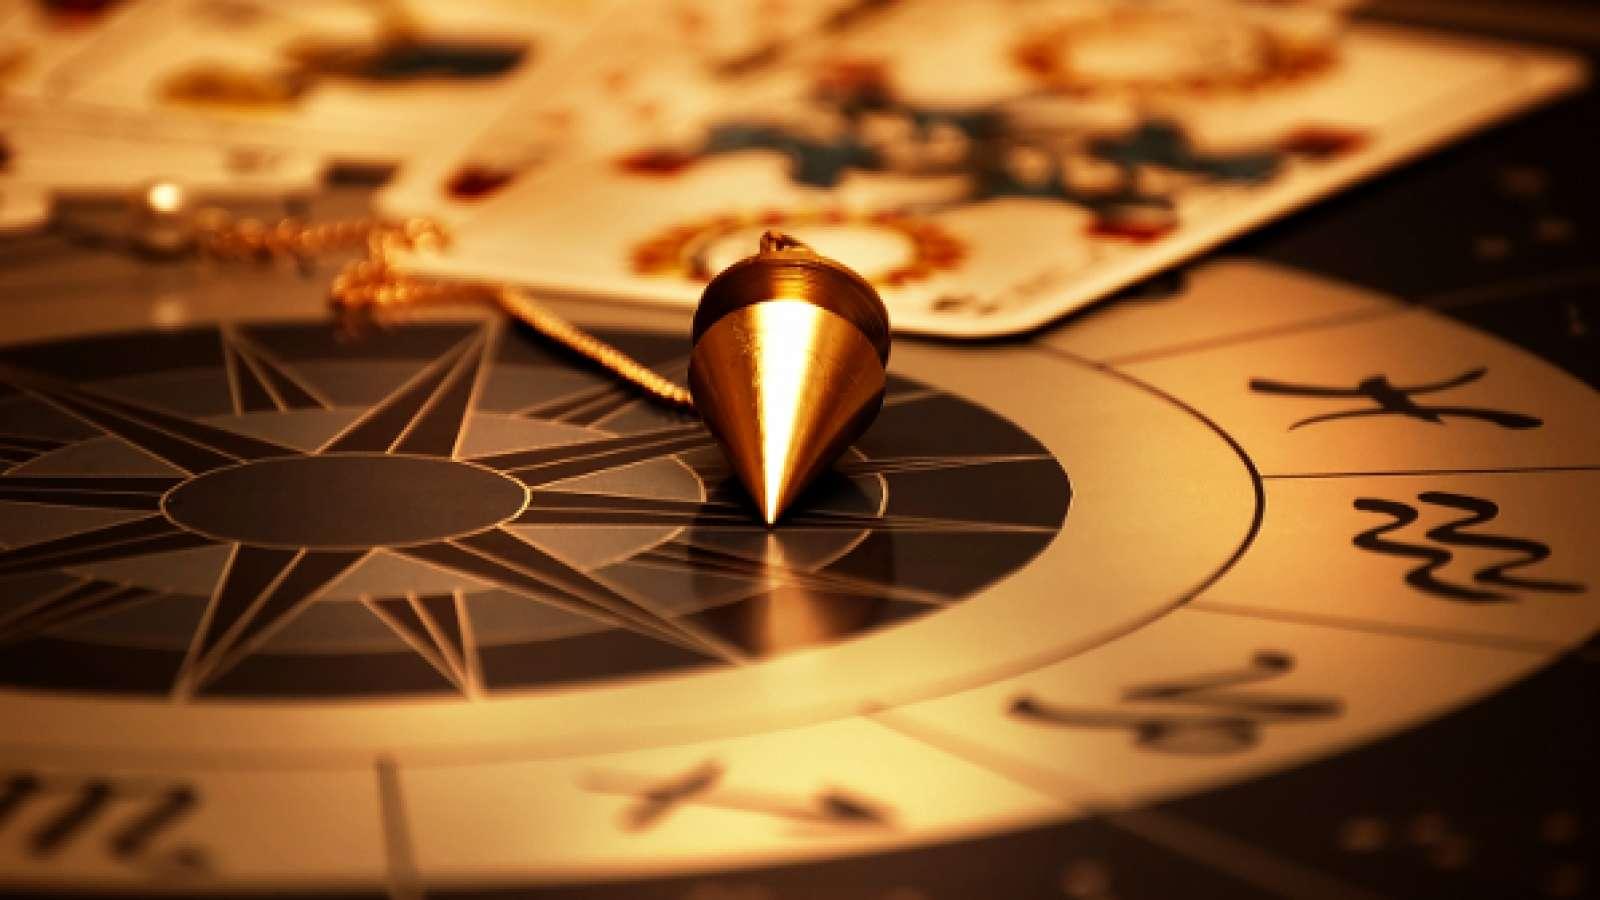 Нумерологи рассказывают, как привлечь успех: энергетика даты 05.05